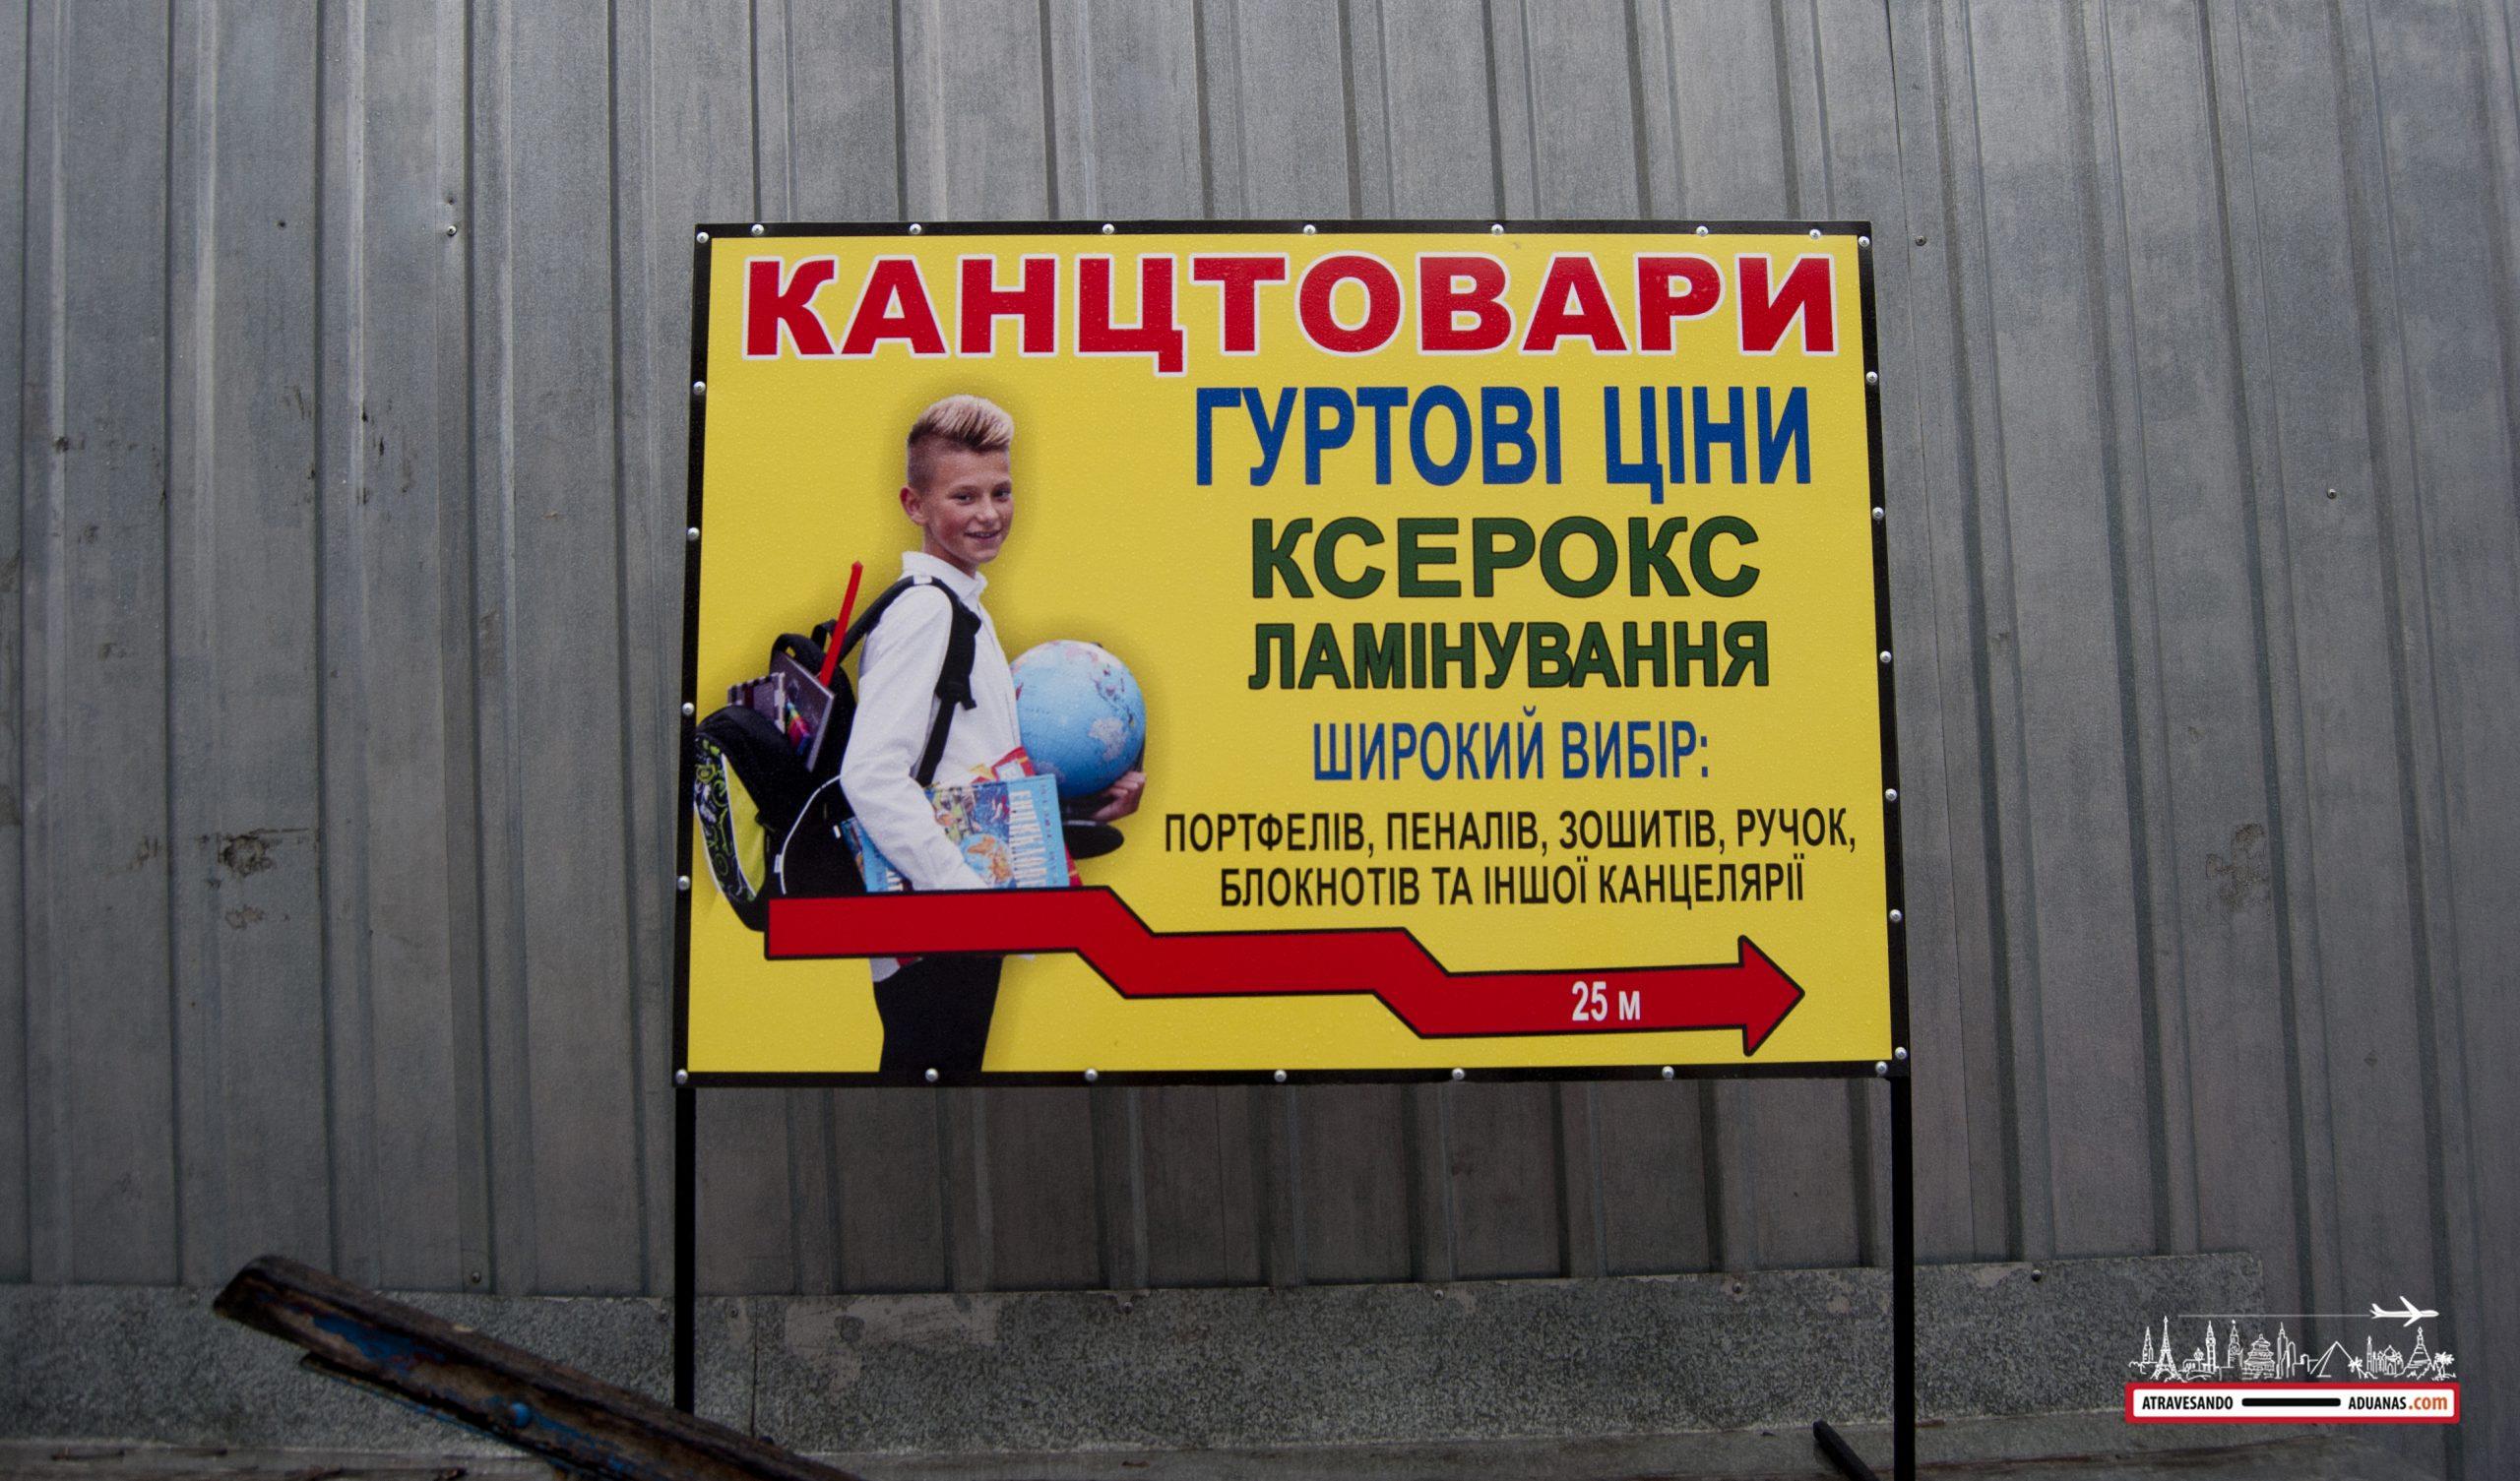 cartel en ucraniano, lviv ucrania